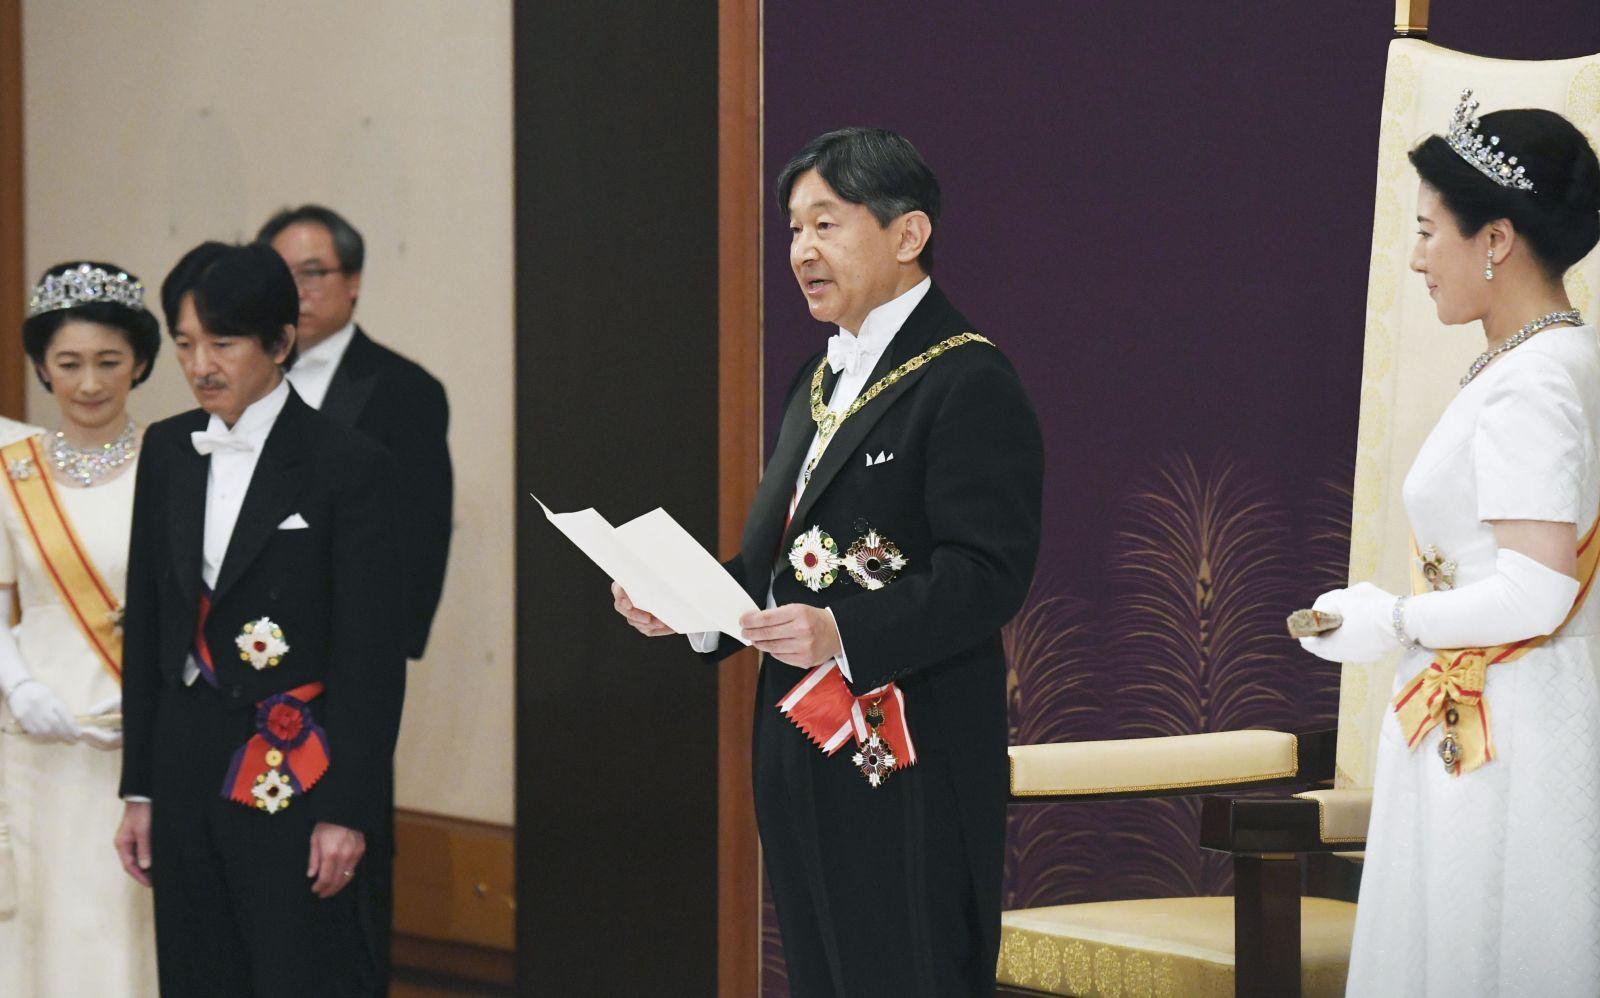 Ảnh: Thủ đô Tokyo náo nhiệt, trang nghiêm và đẹp như tranh vẽ trong ngày đầu tiên dưới thời Lệnh Hòa - Ảnh 3.